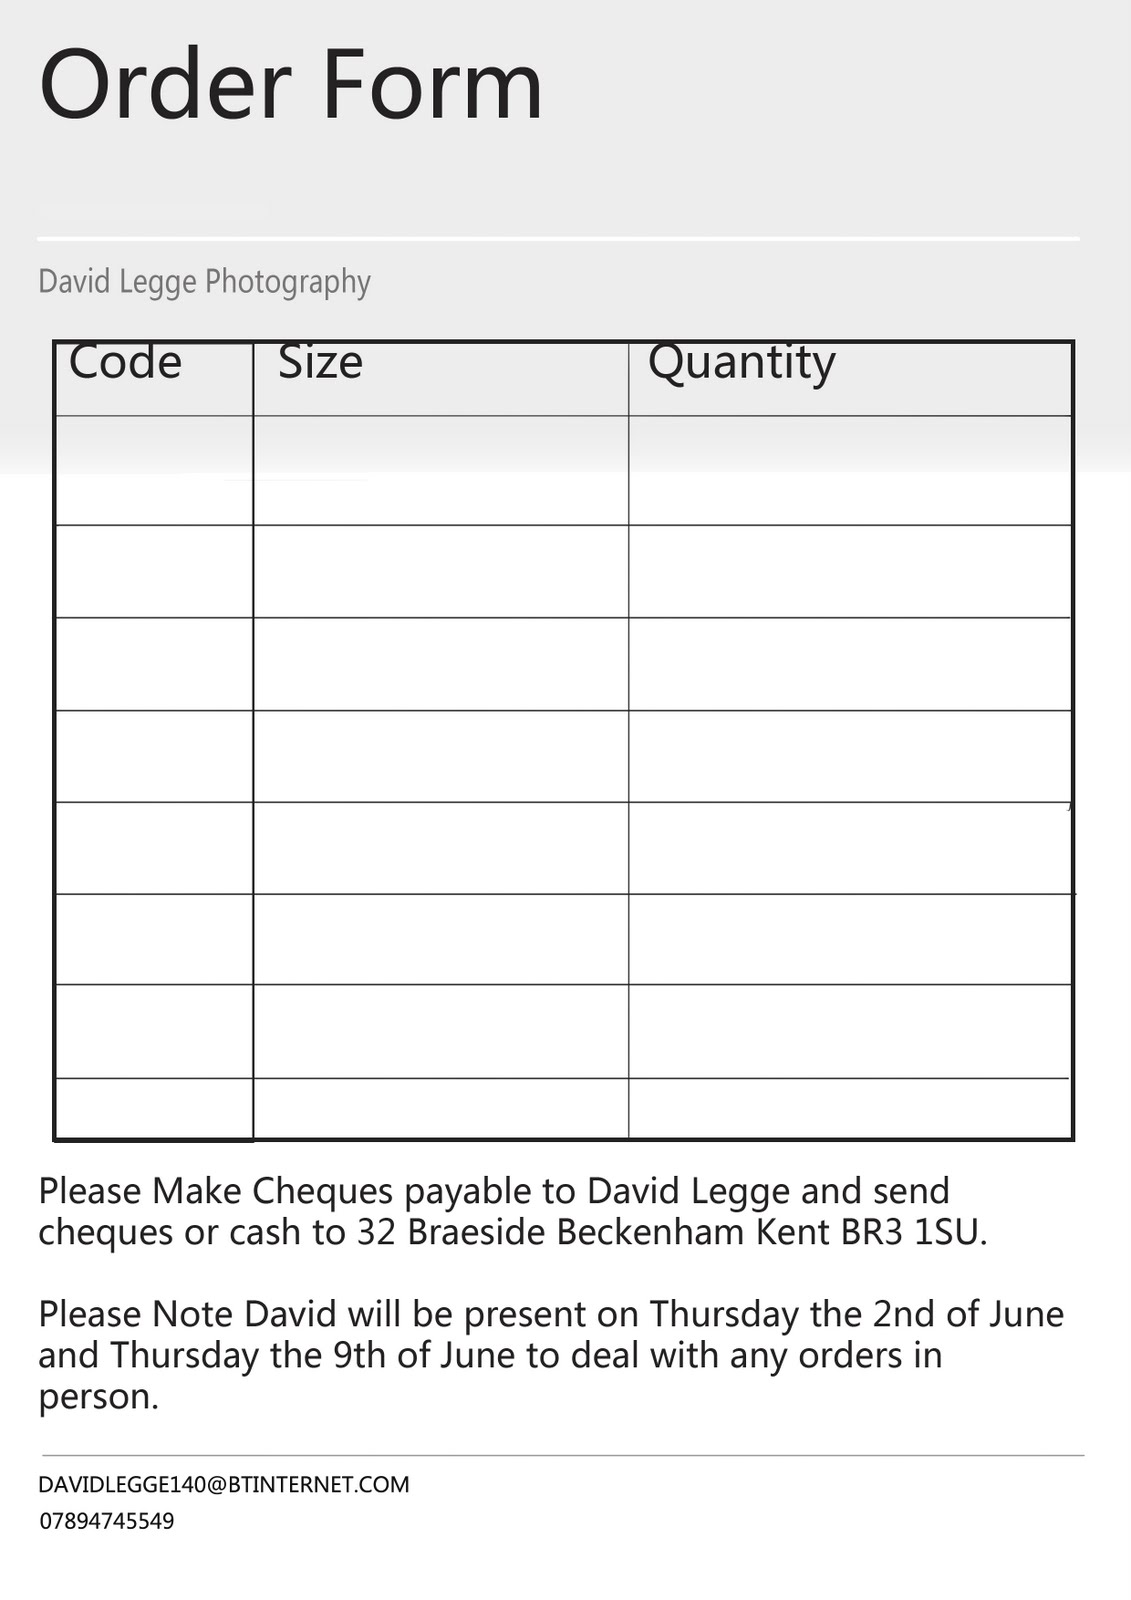 David Legge E&E Making it Happen: Order Forms